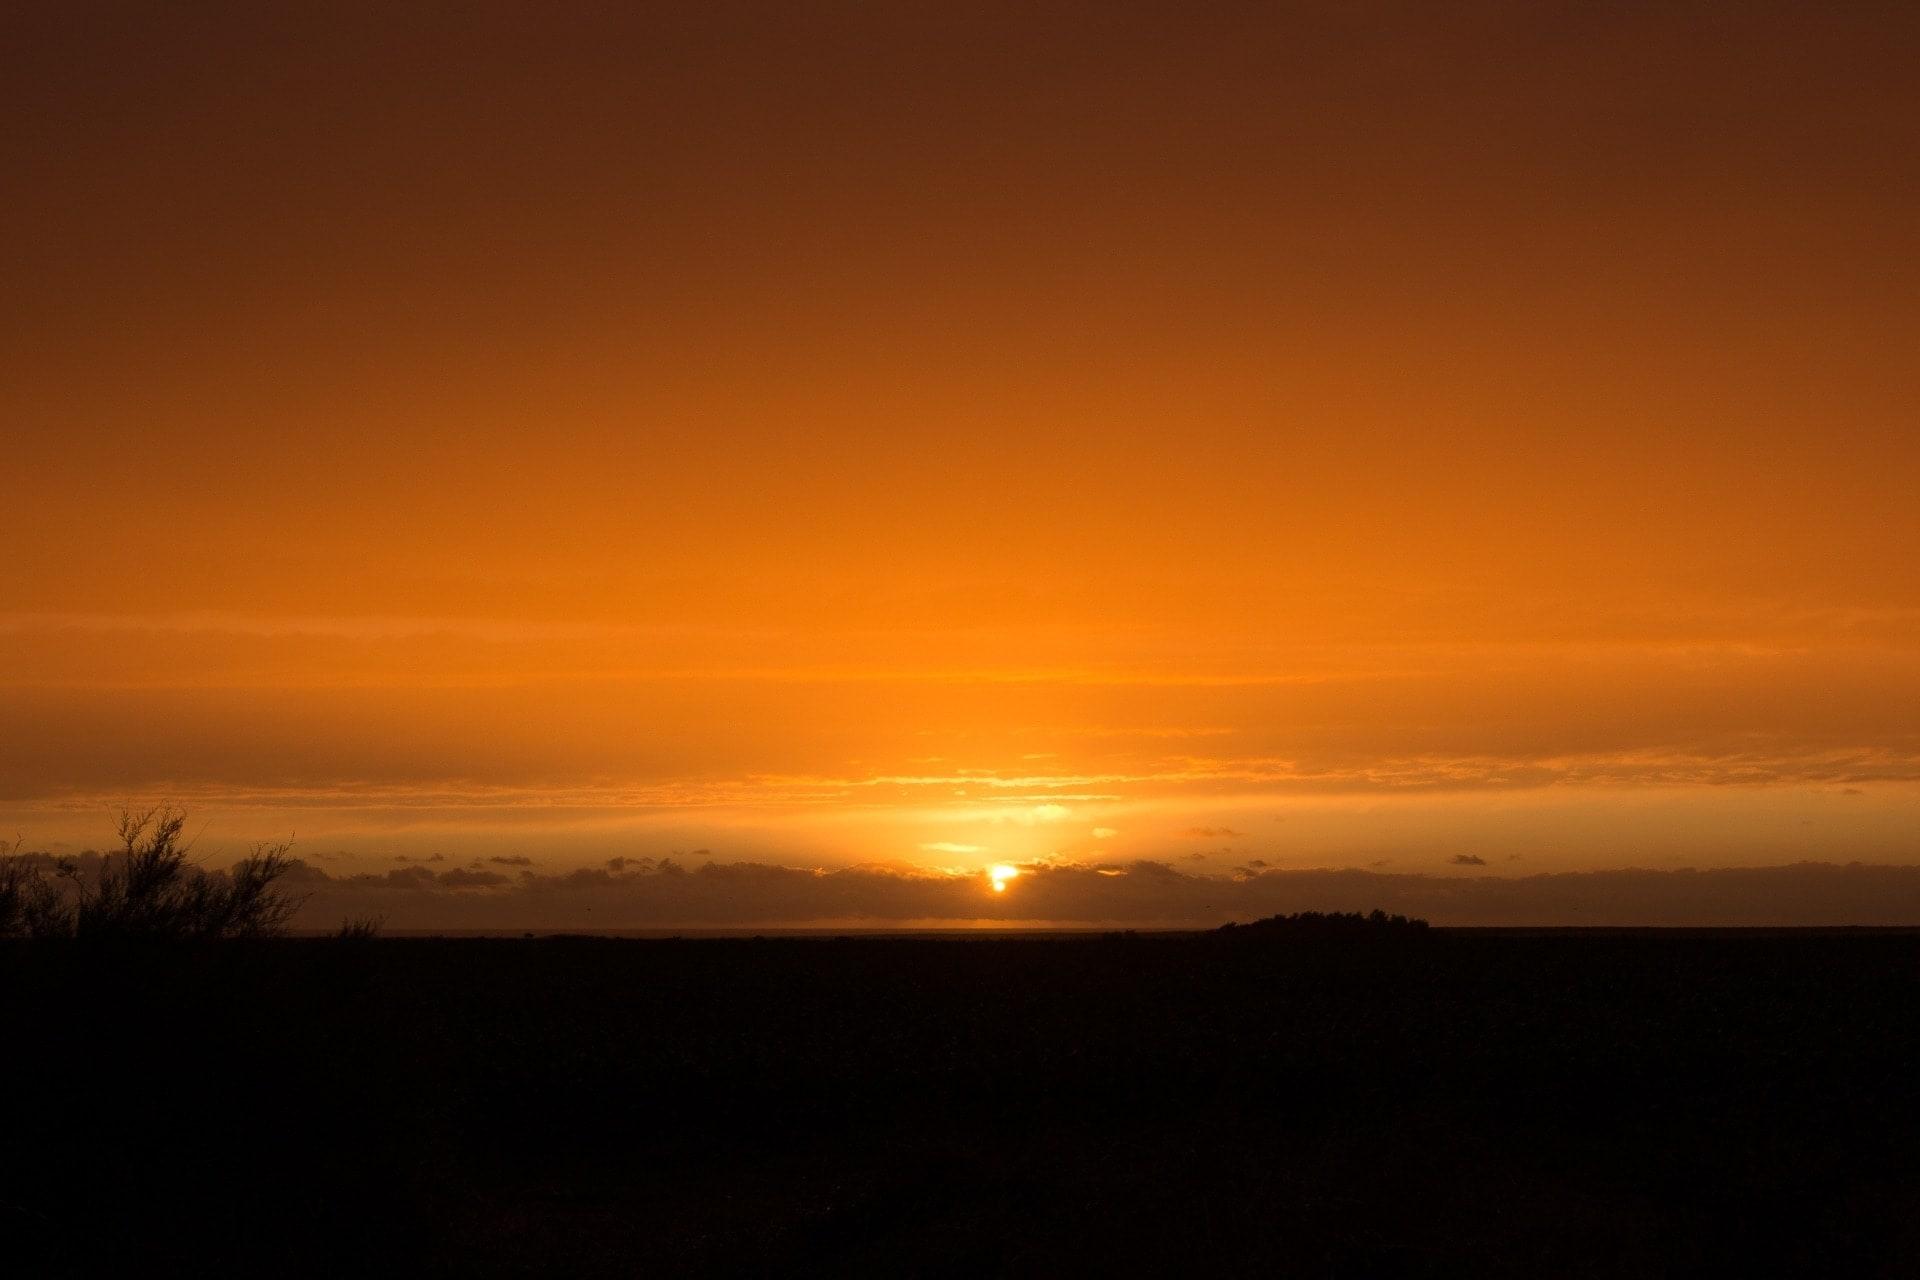 Coucher de soleil à Goulphar dans les champs à Belle ile en mer